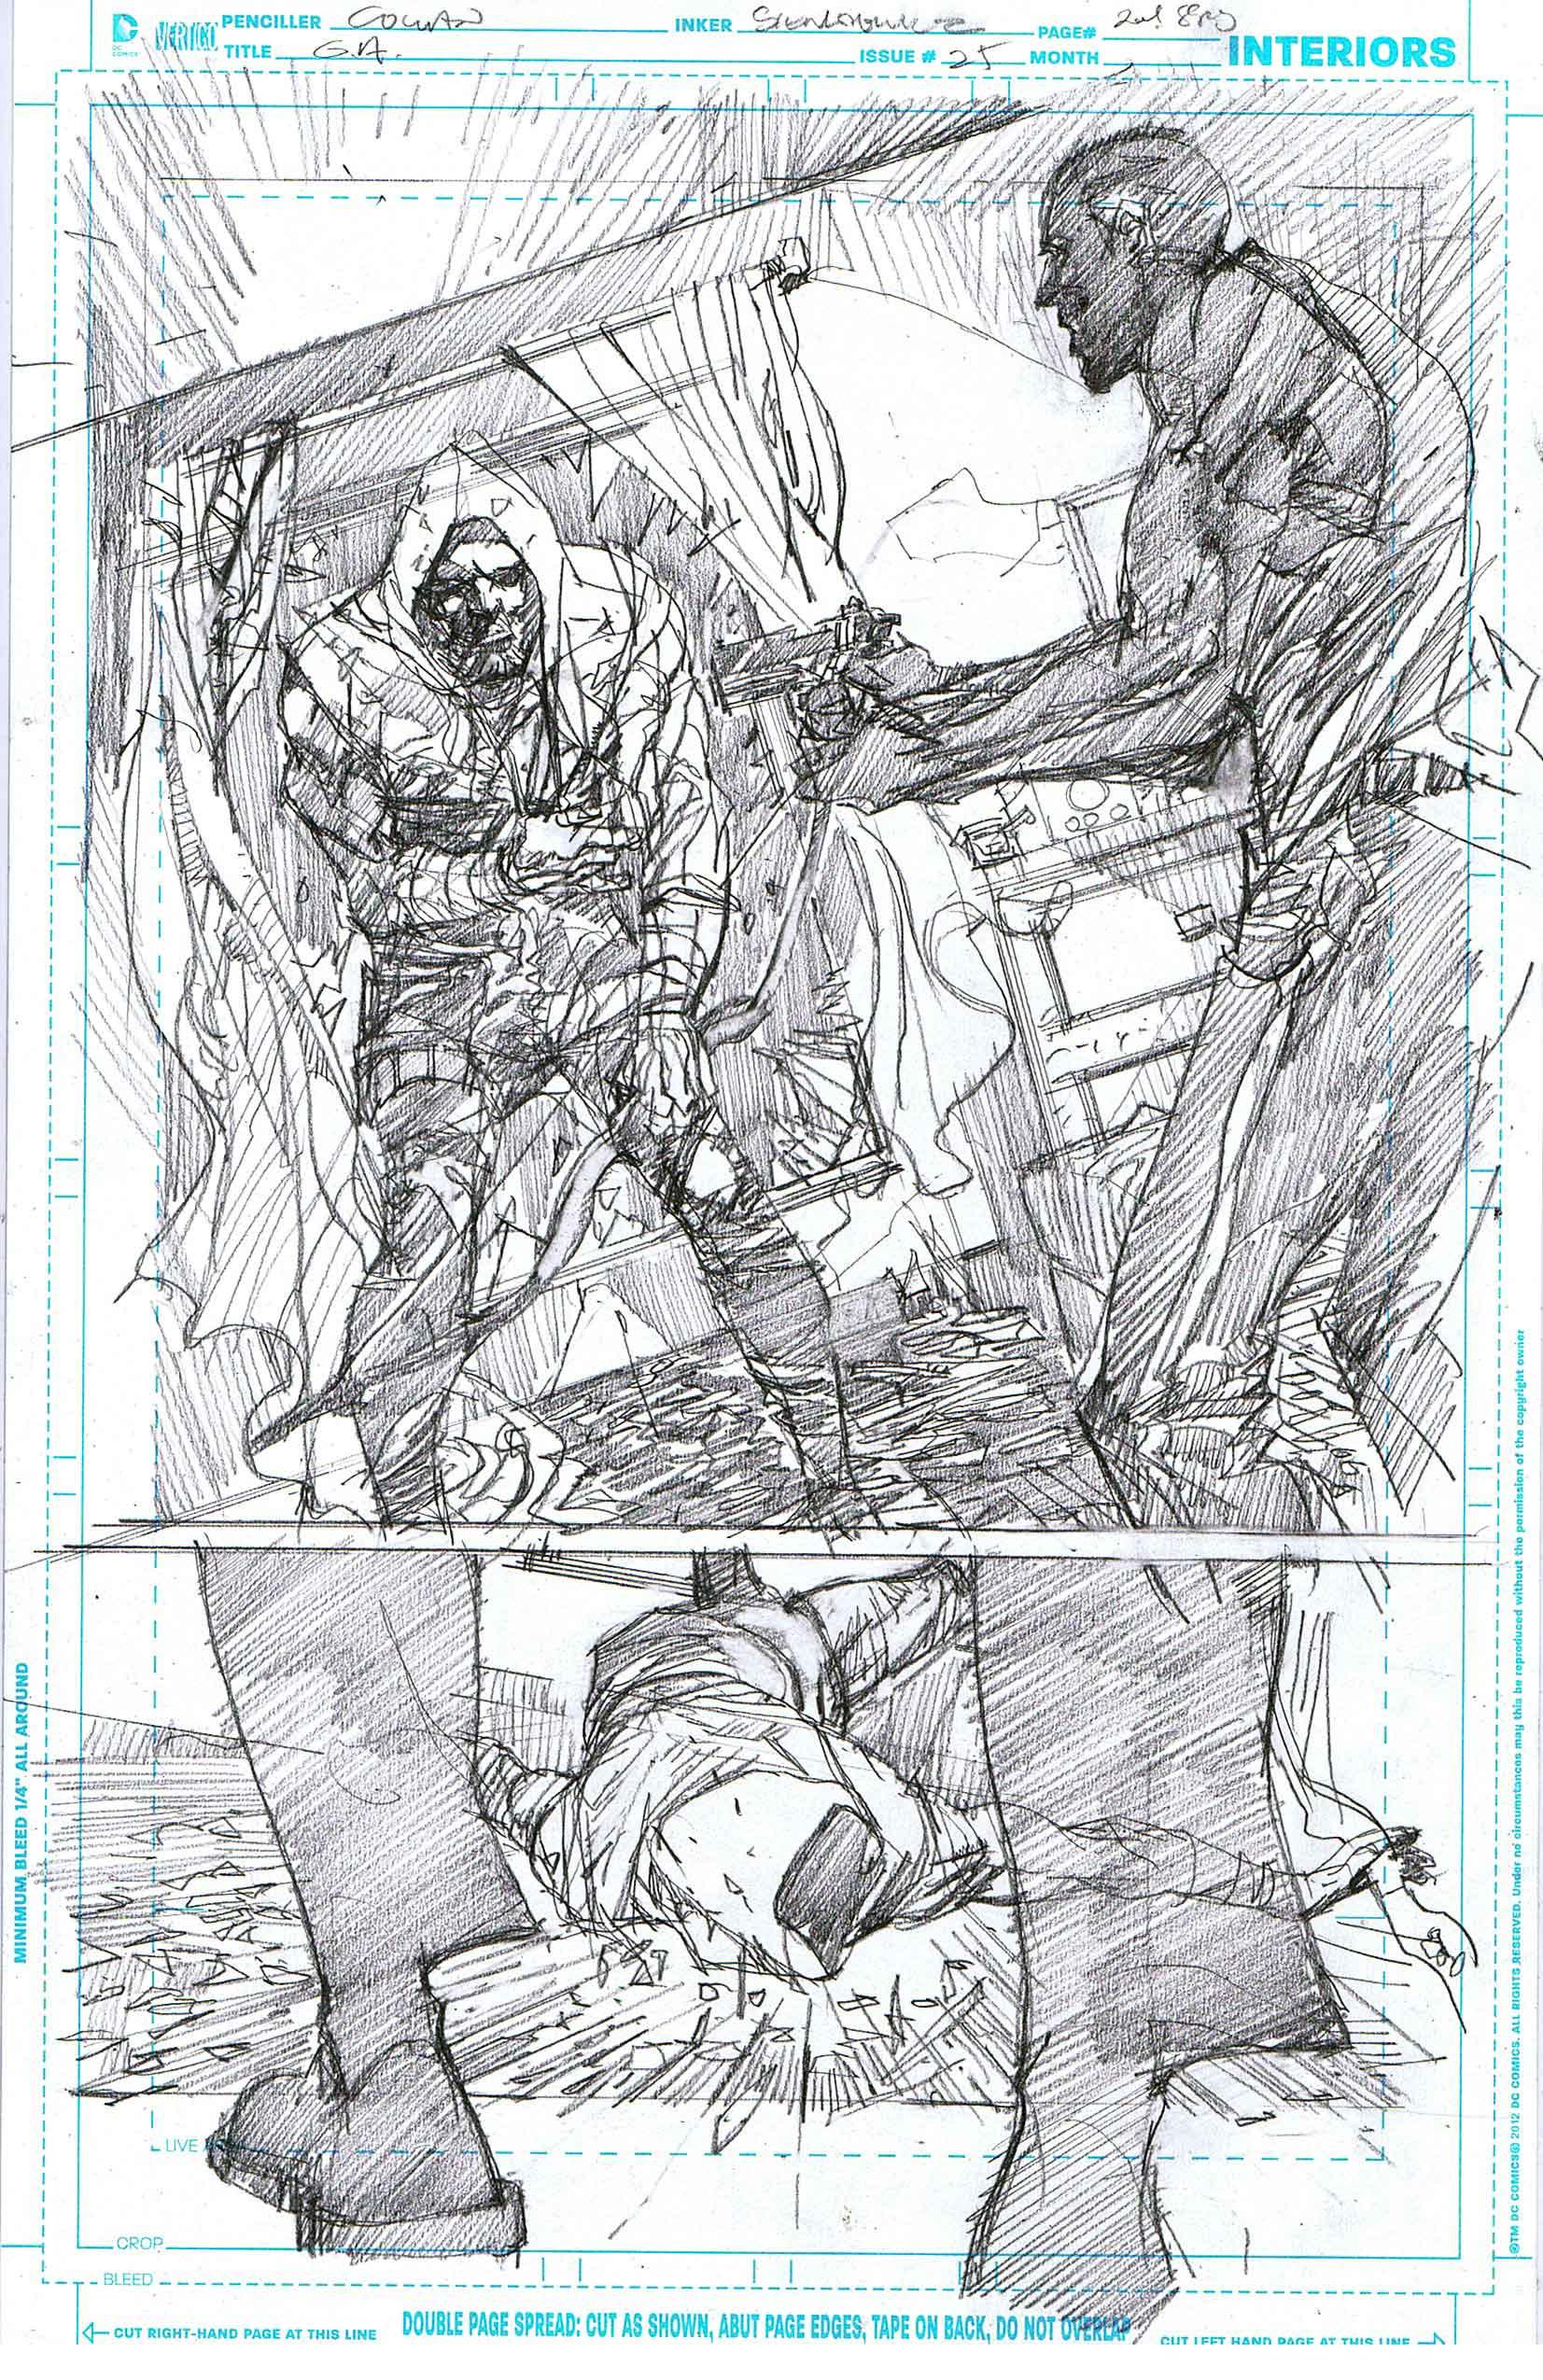 Green Arrow #25 - Page 2 - Pencils